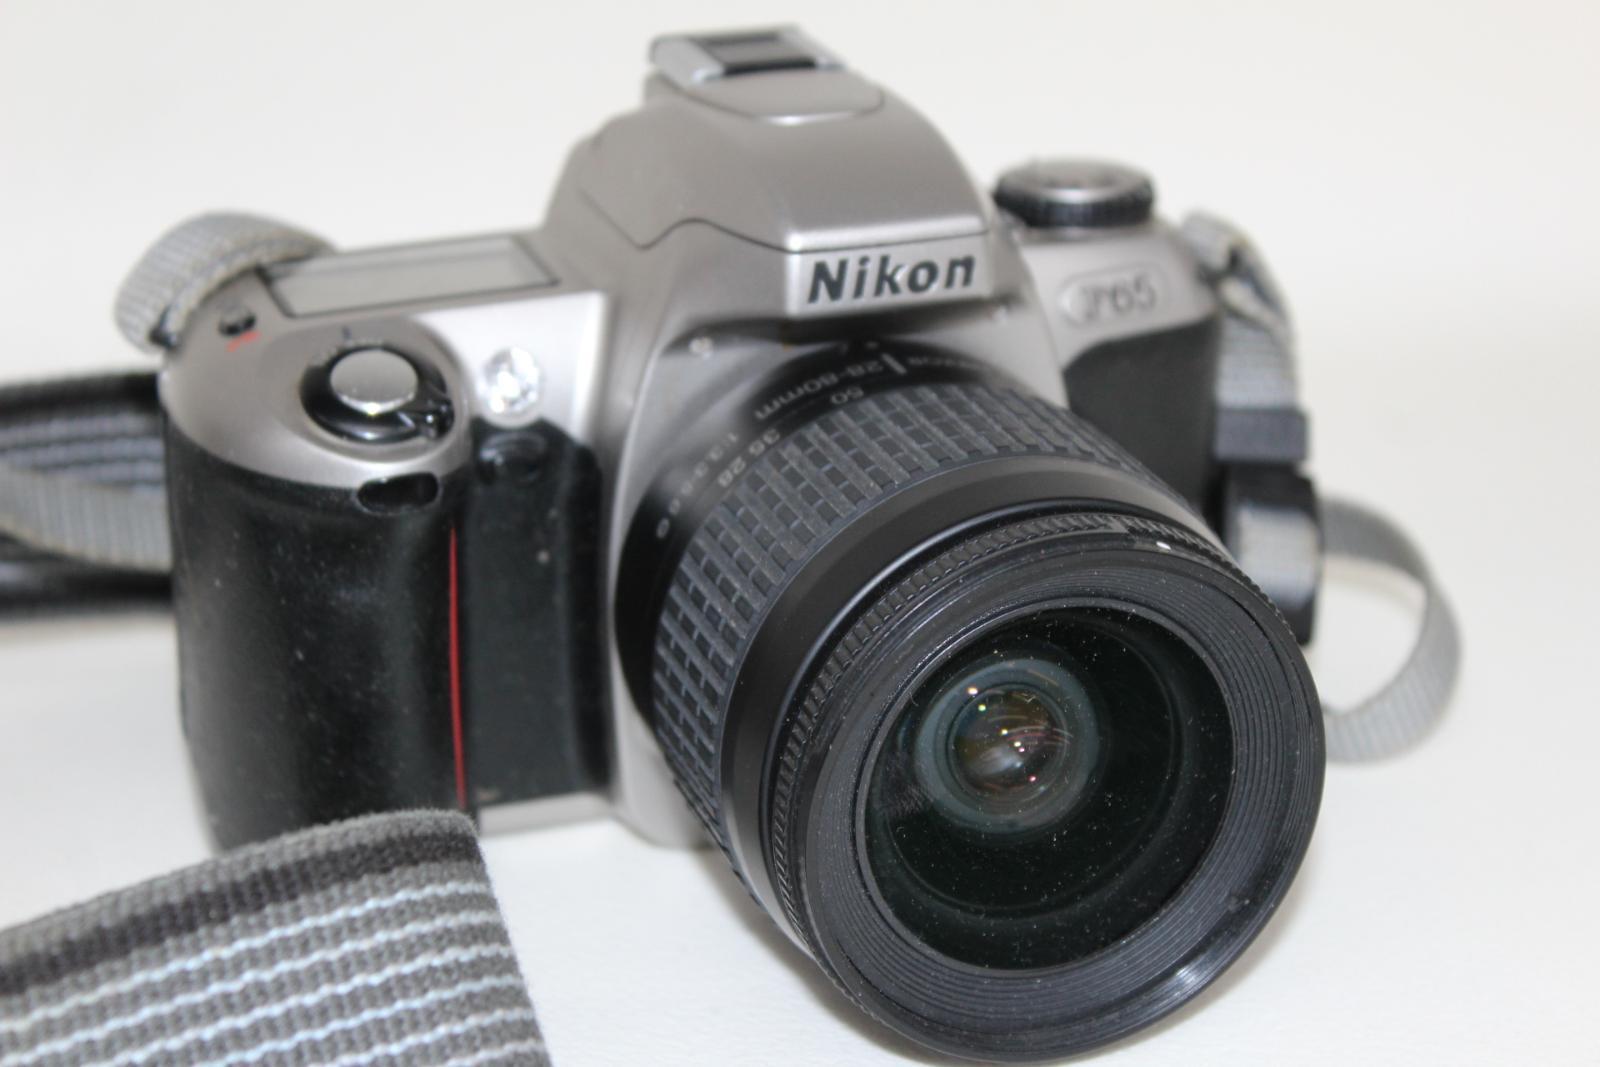 NIKON-F65-Camara-Con-Nikkor-28-80mm-y-70-300mm-y-Tamron-Hoya-Lentes-52mm miniatura 7